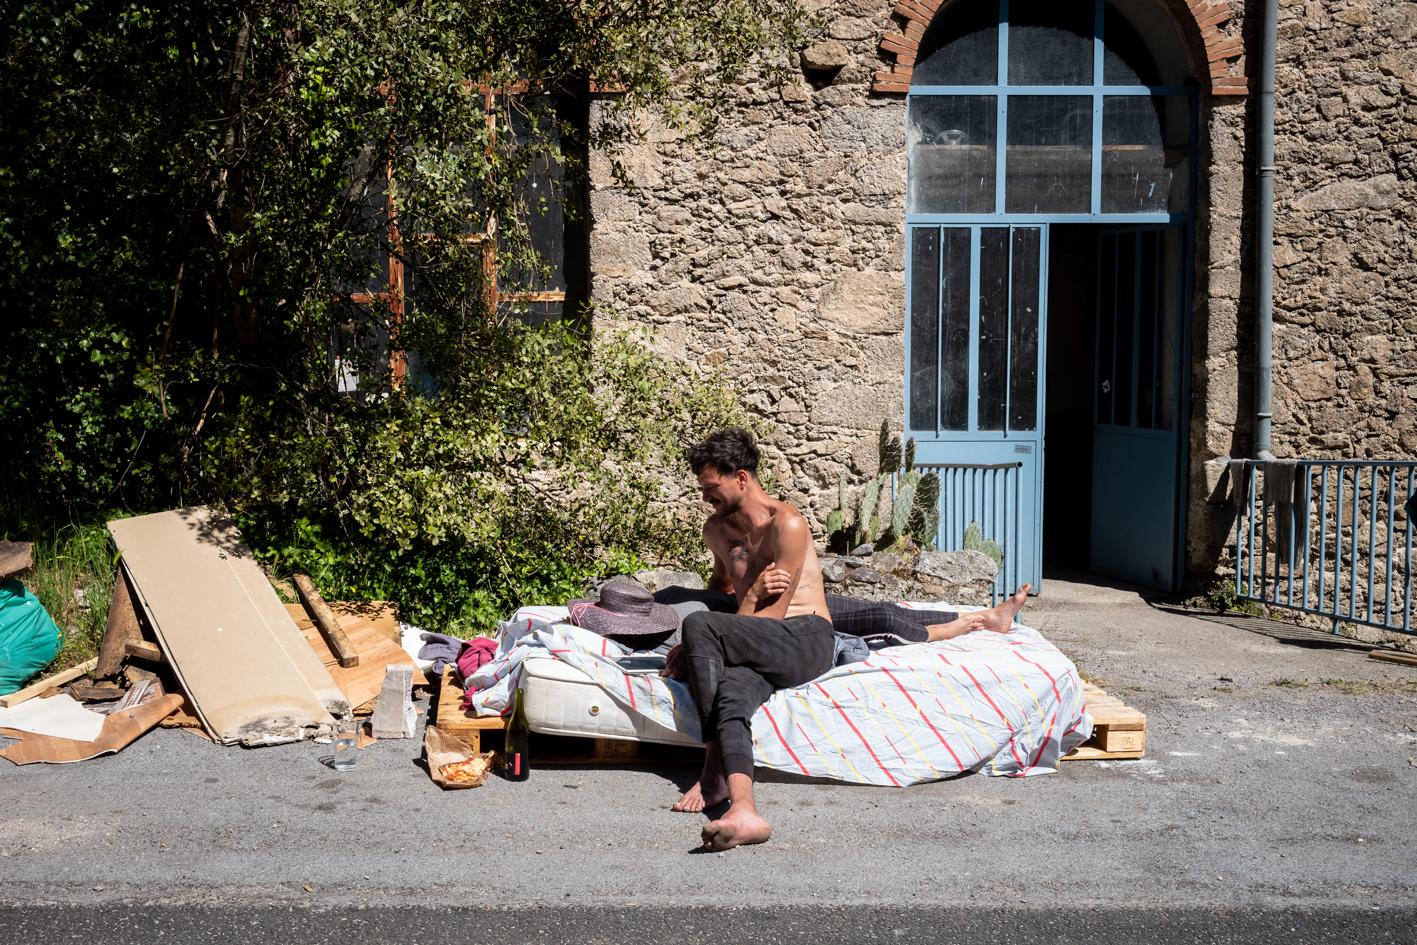 Guillaume et Leslie étaient ici, à Peyregrosse, dans un village Cévenol au début du confinement : «  Finalement on s'est dit qu'on allait rester ici. On vit à 6, c'est quand même mieux d'un point de vue social.{quote}